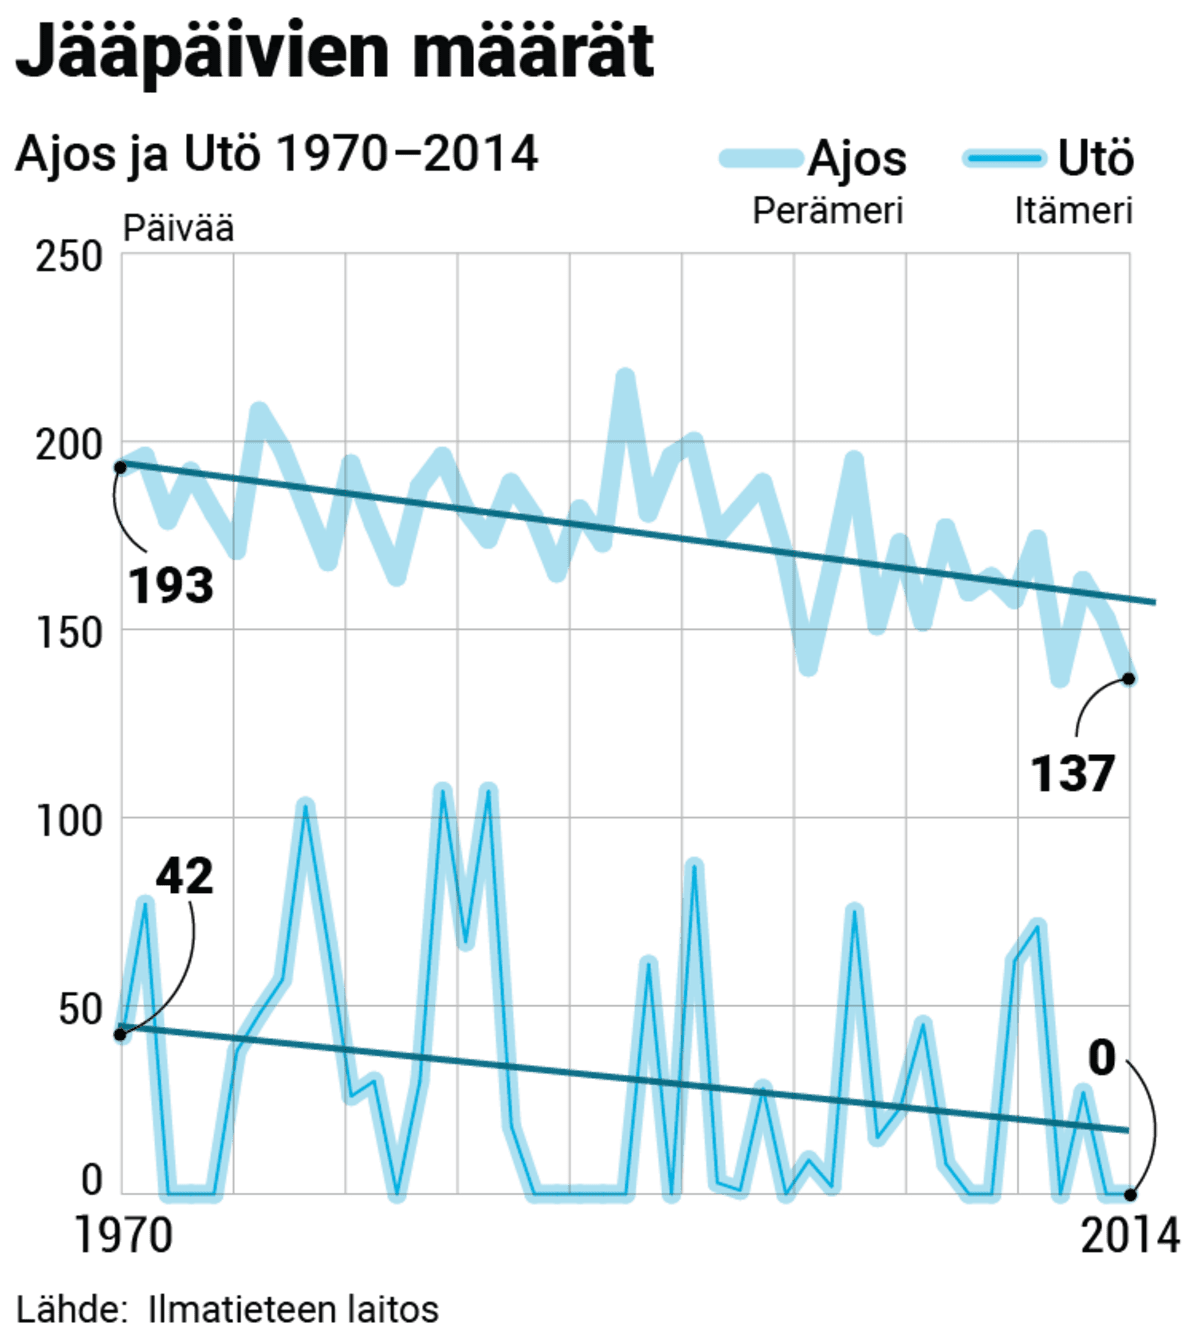 Grafiikka jossa esitetään jääpäivien määrät Ajoksessa ja Utössä.